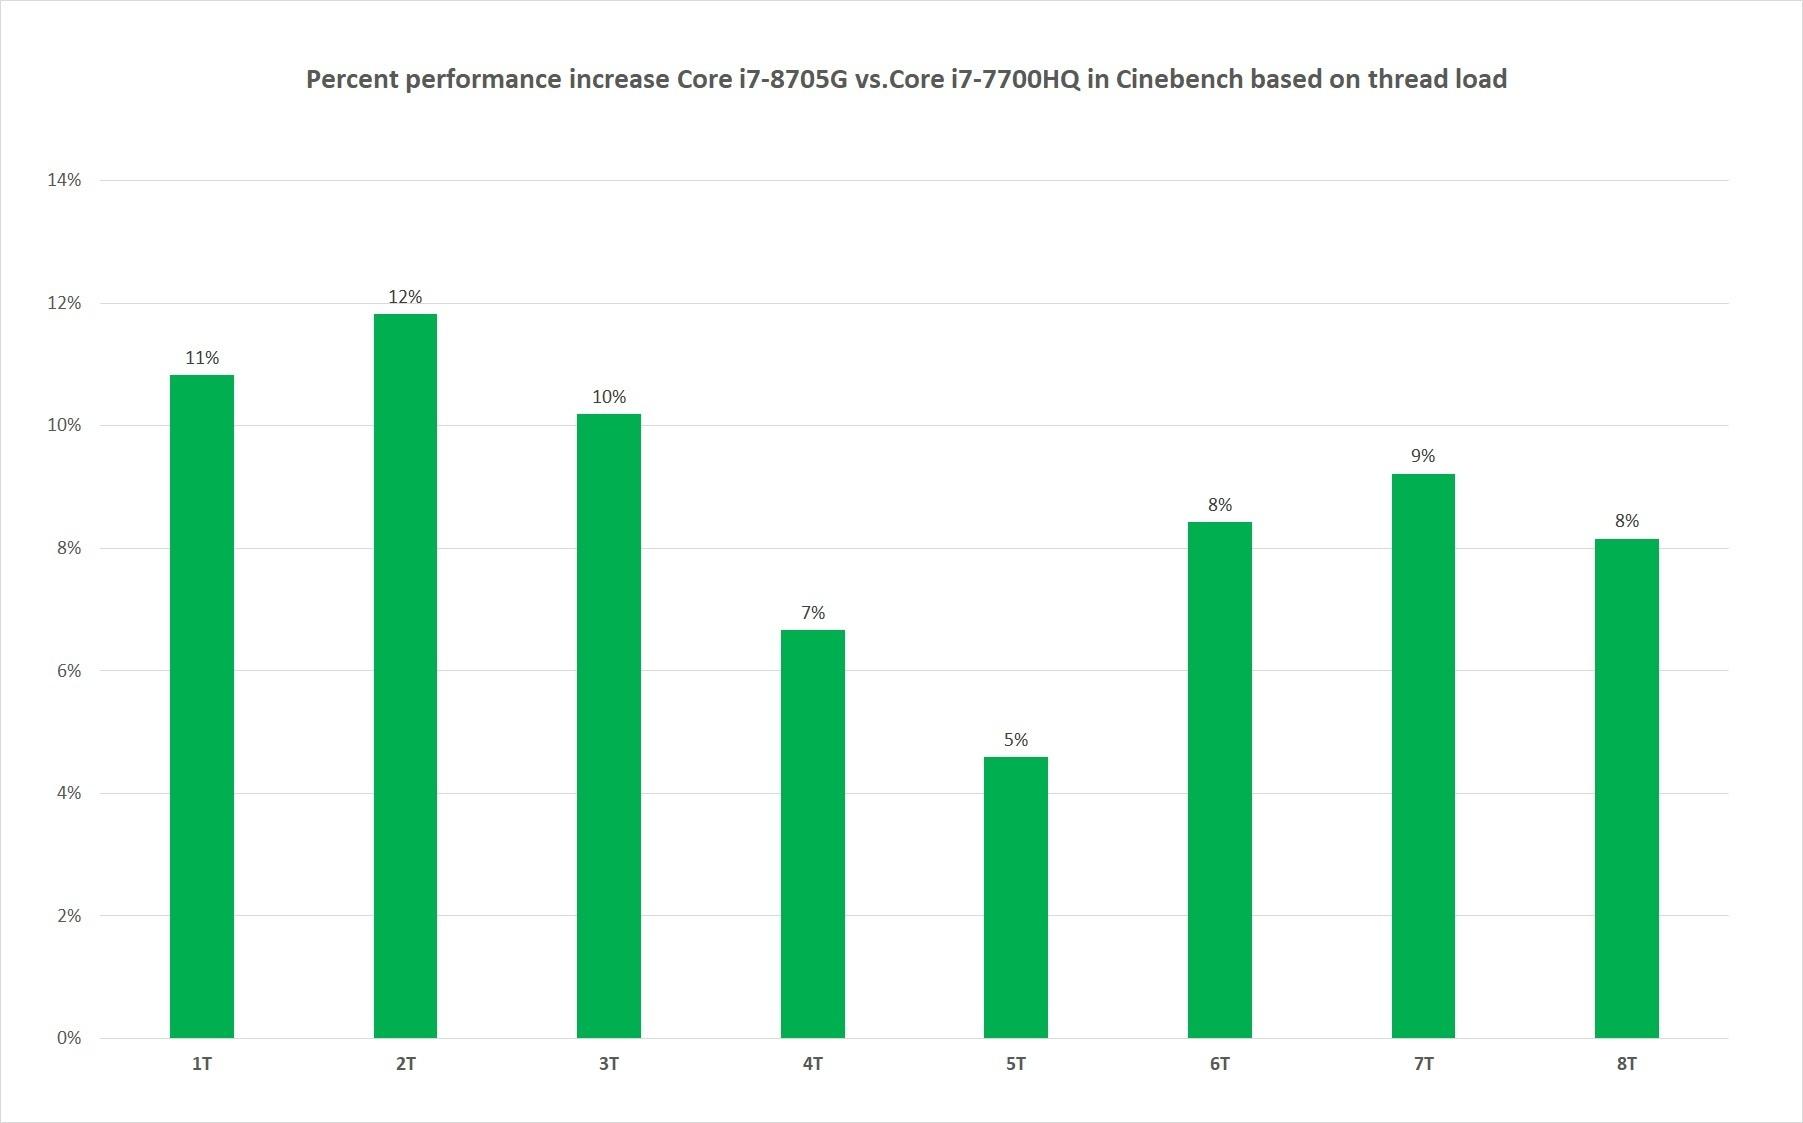 코어 i7-8705G 카비레이크 G의 성능 이점은 가벼운 워크로드에서 더욱 두드러졌다.